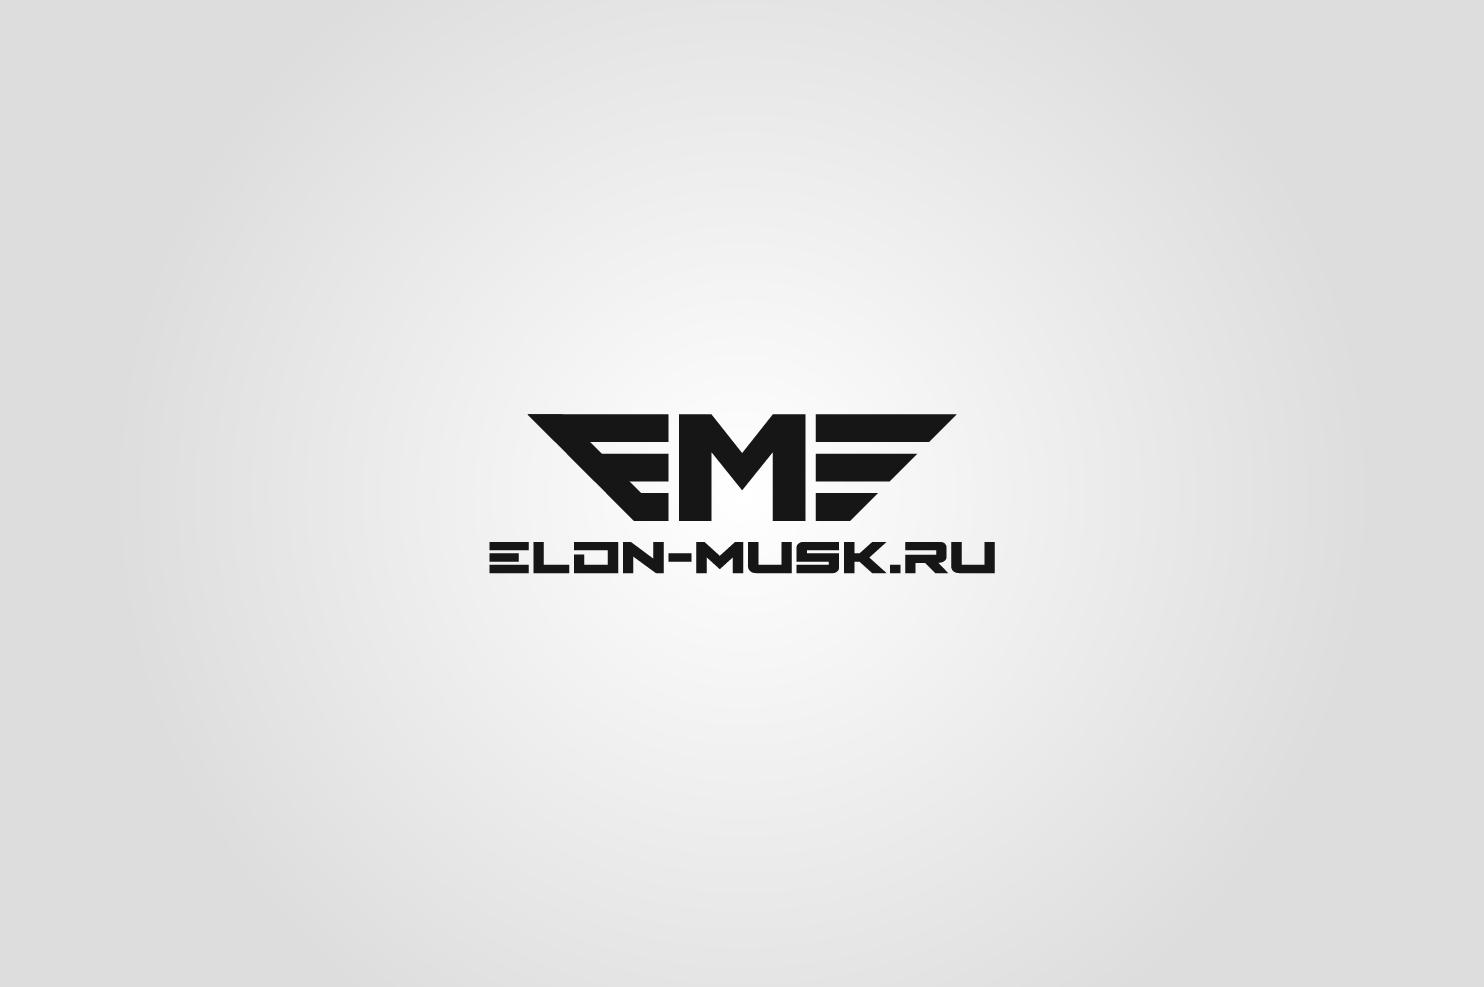 Логотип для новостного сайта  фото f_8875b6c1493a3371.jpg